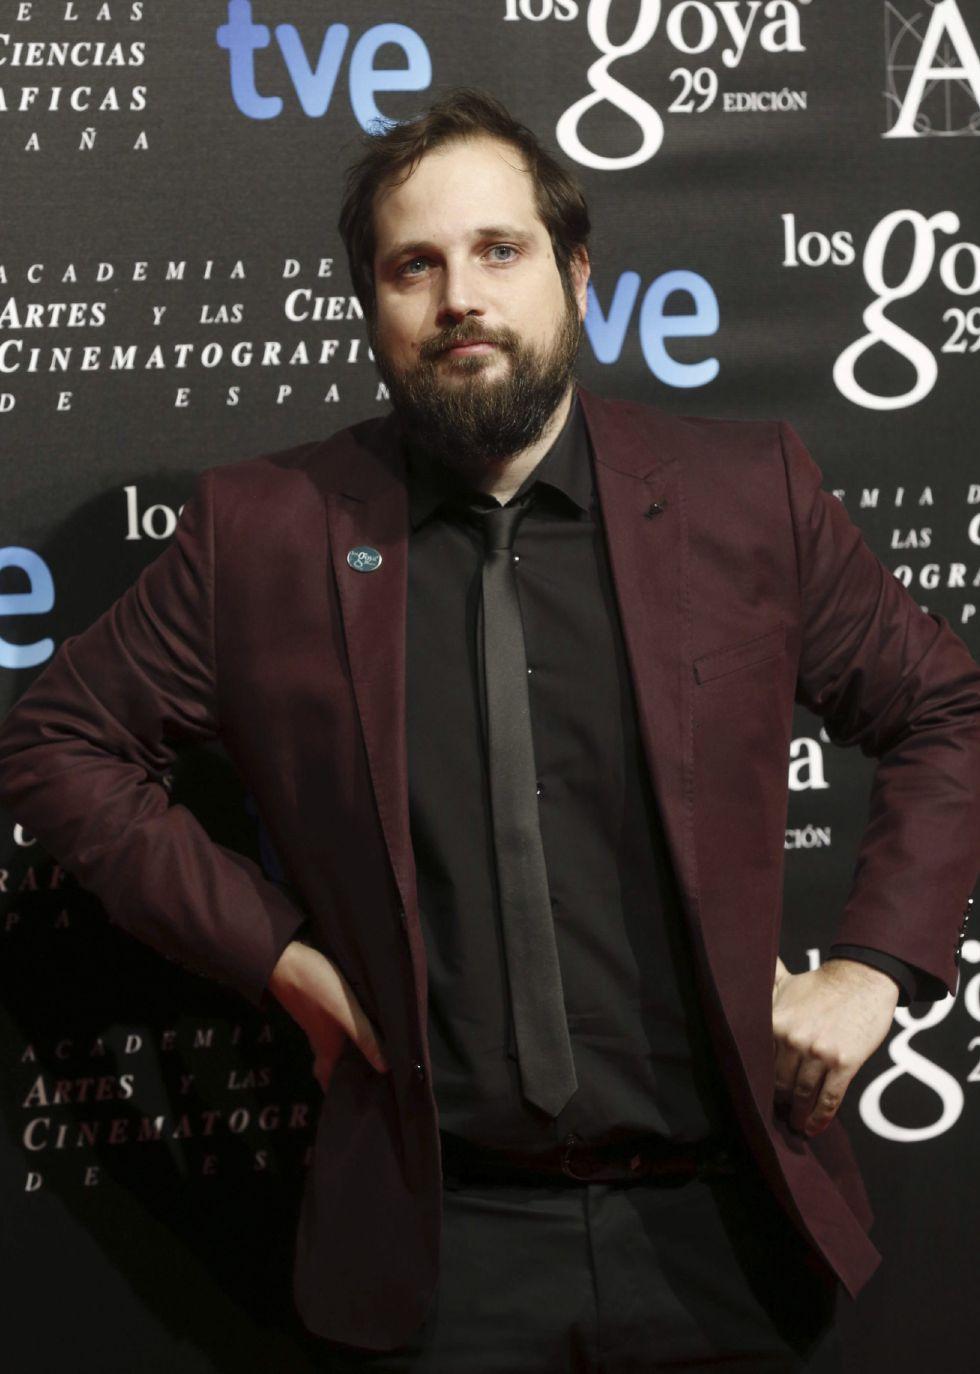 El cineasta Carlos Vermut, nominado a Mejor director por 'Magical Girl'